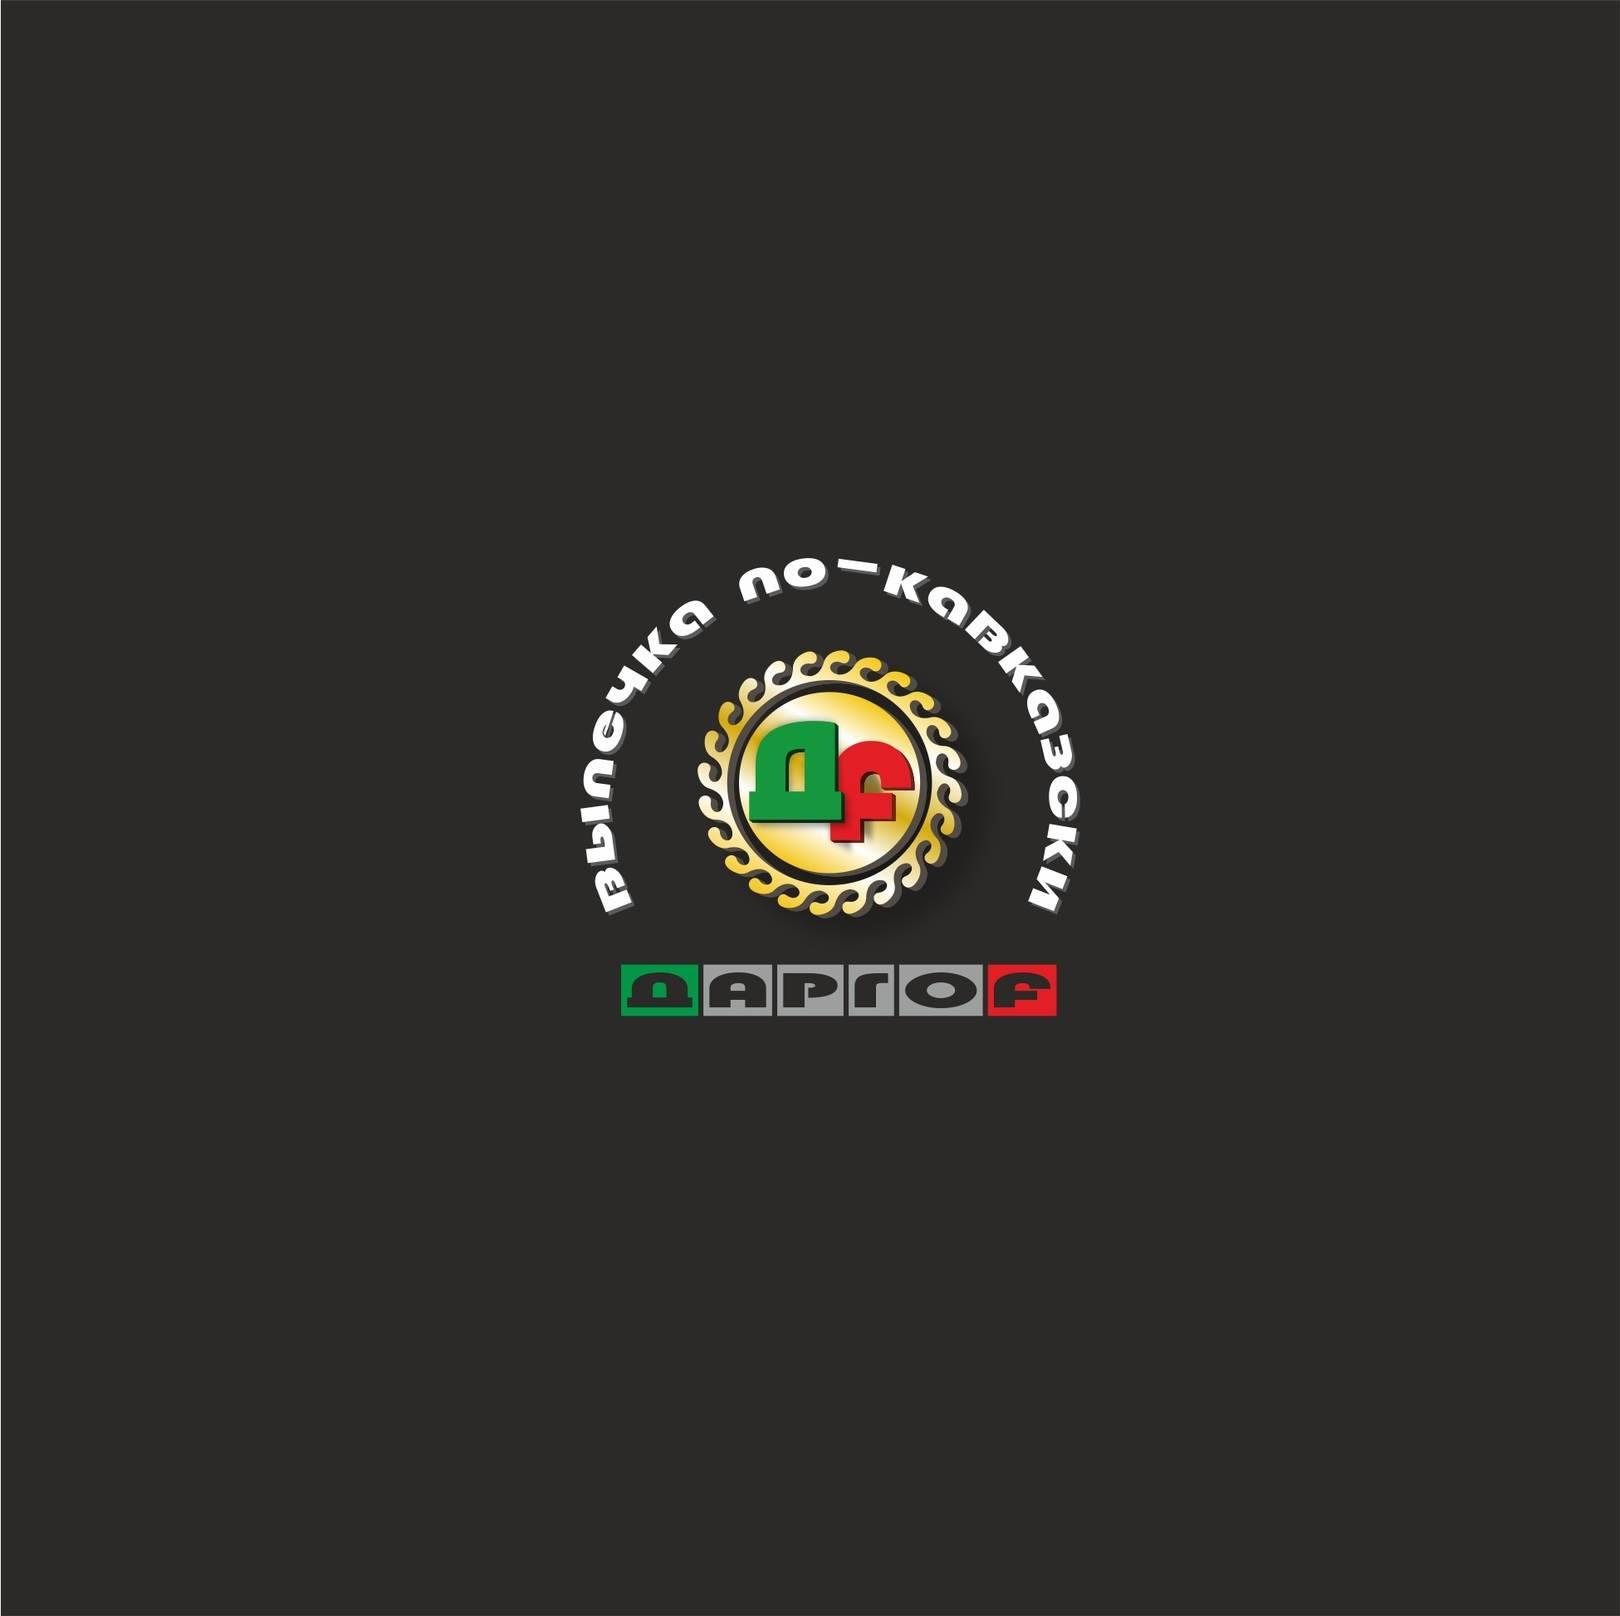 Дизайн  логотипов,фирменного стиля,приложений, иконок,баннеров...